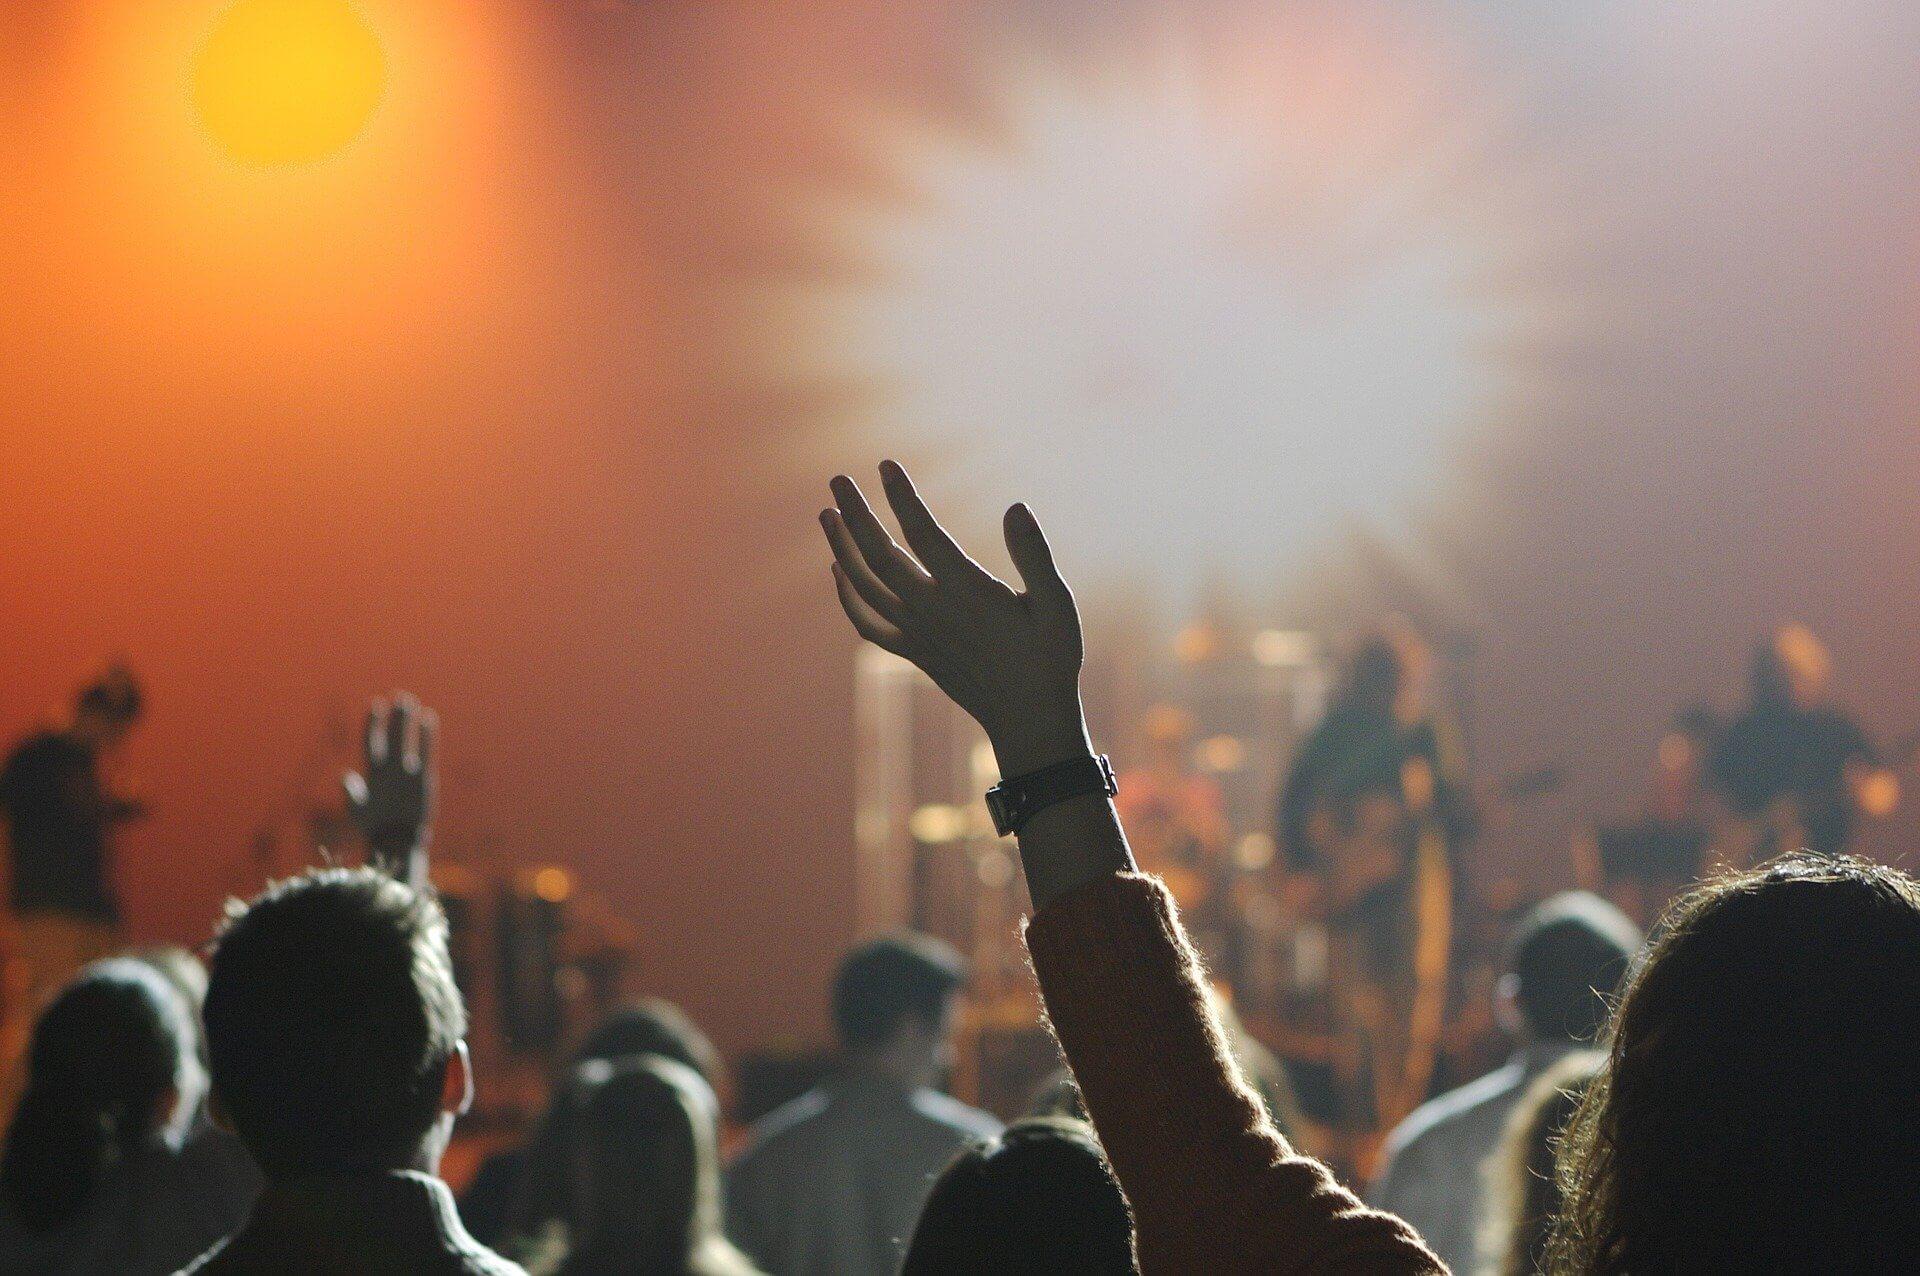 FNS歌謡祭2020のSixTONES出演は何時?歌う曲は何?出演時間を大予想!